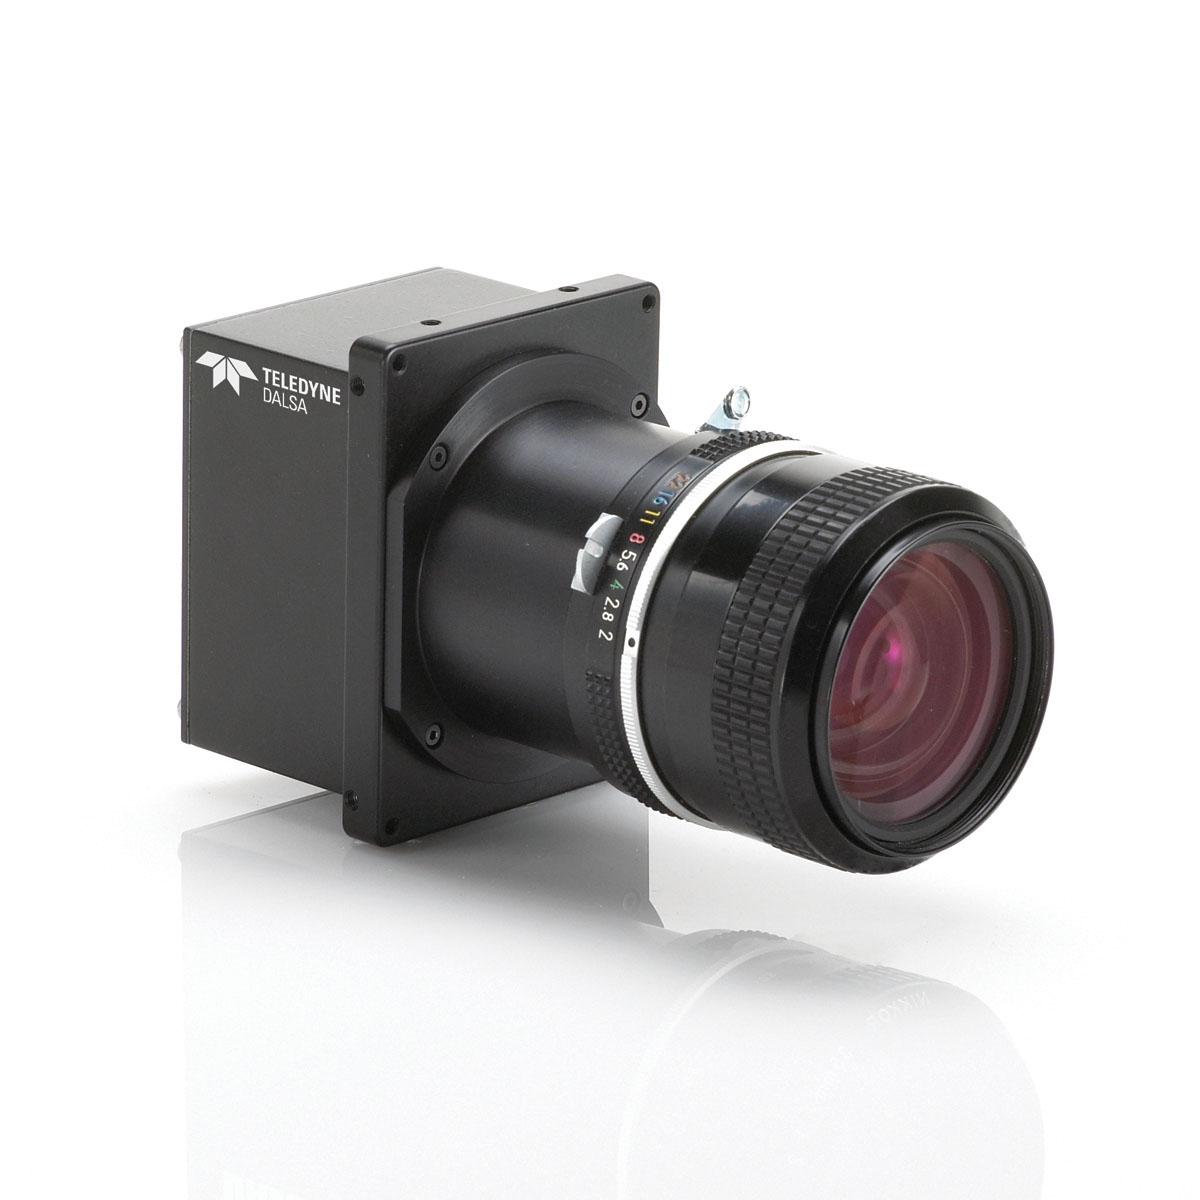 DALSA 高清工业相机工业摄像头/摄像机机器视觉产业将向智能化发展